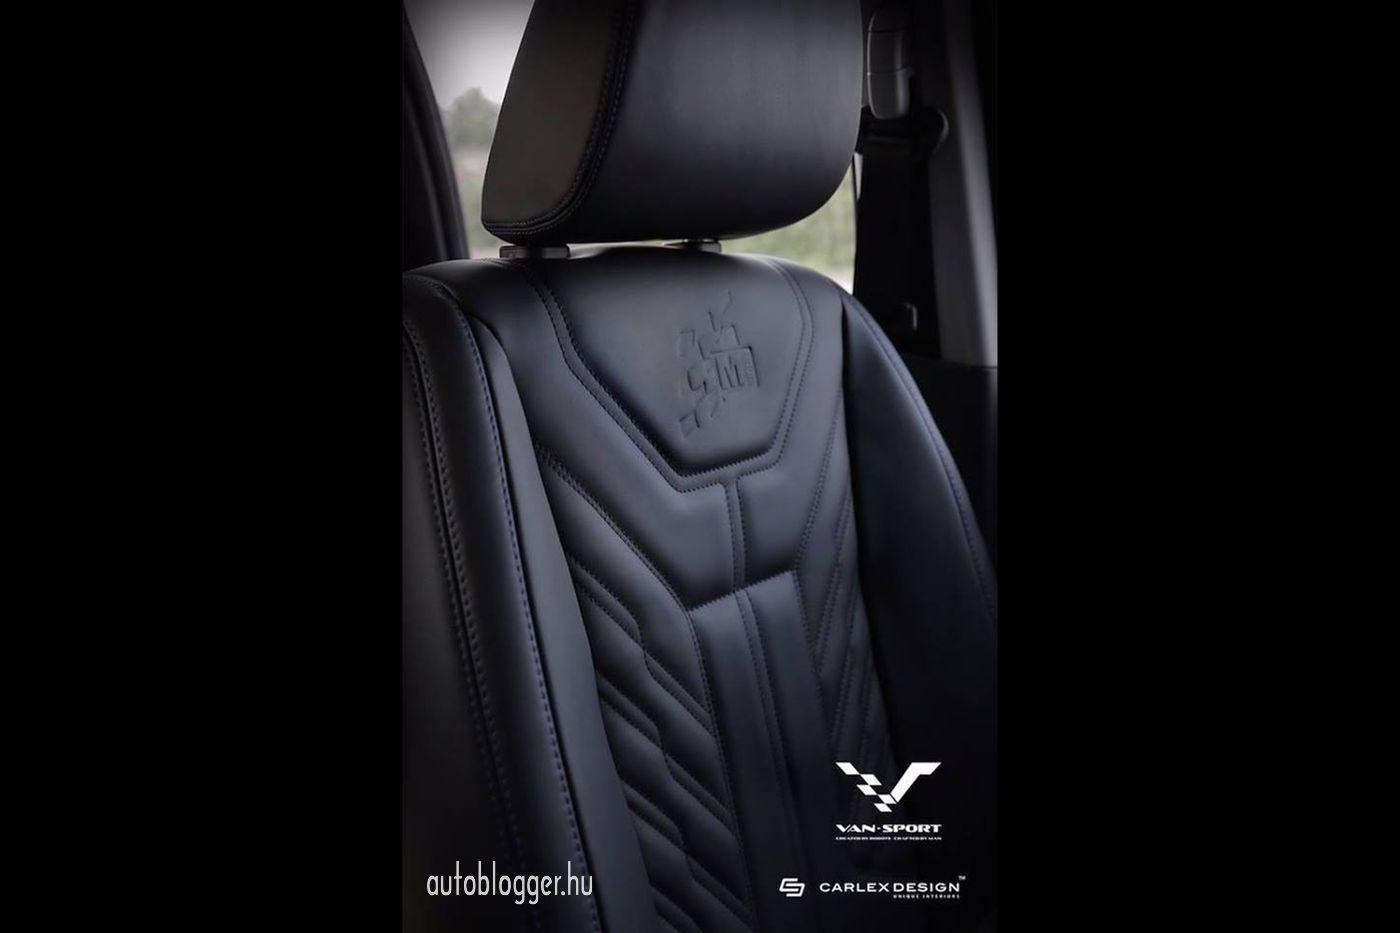 Ford_ranger-Van_Sport_Autoblogger.hu_006